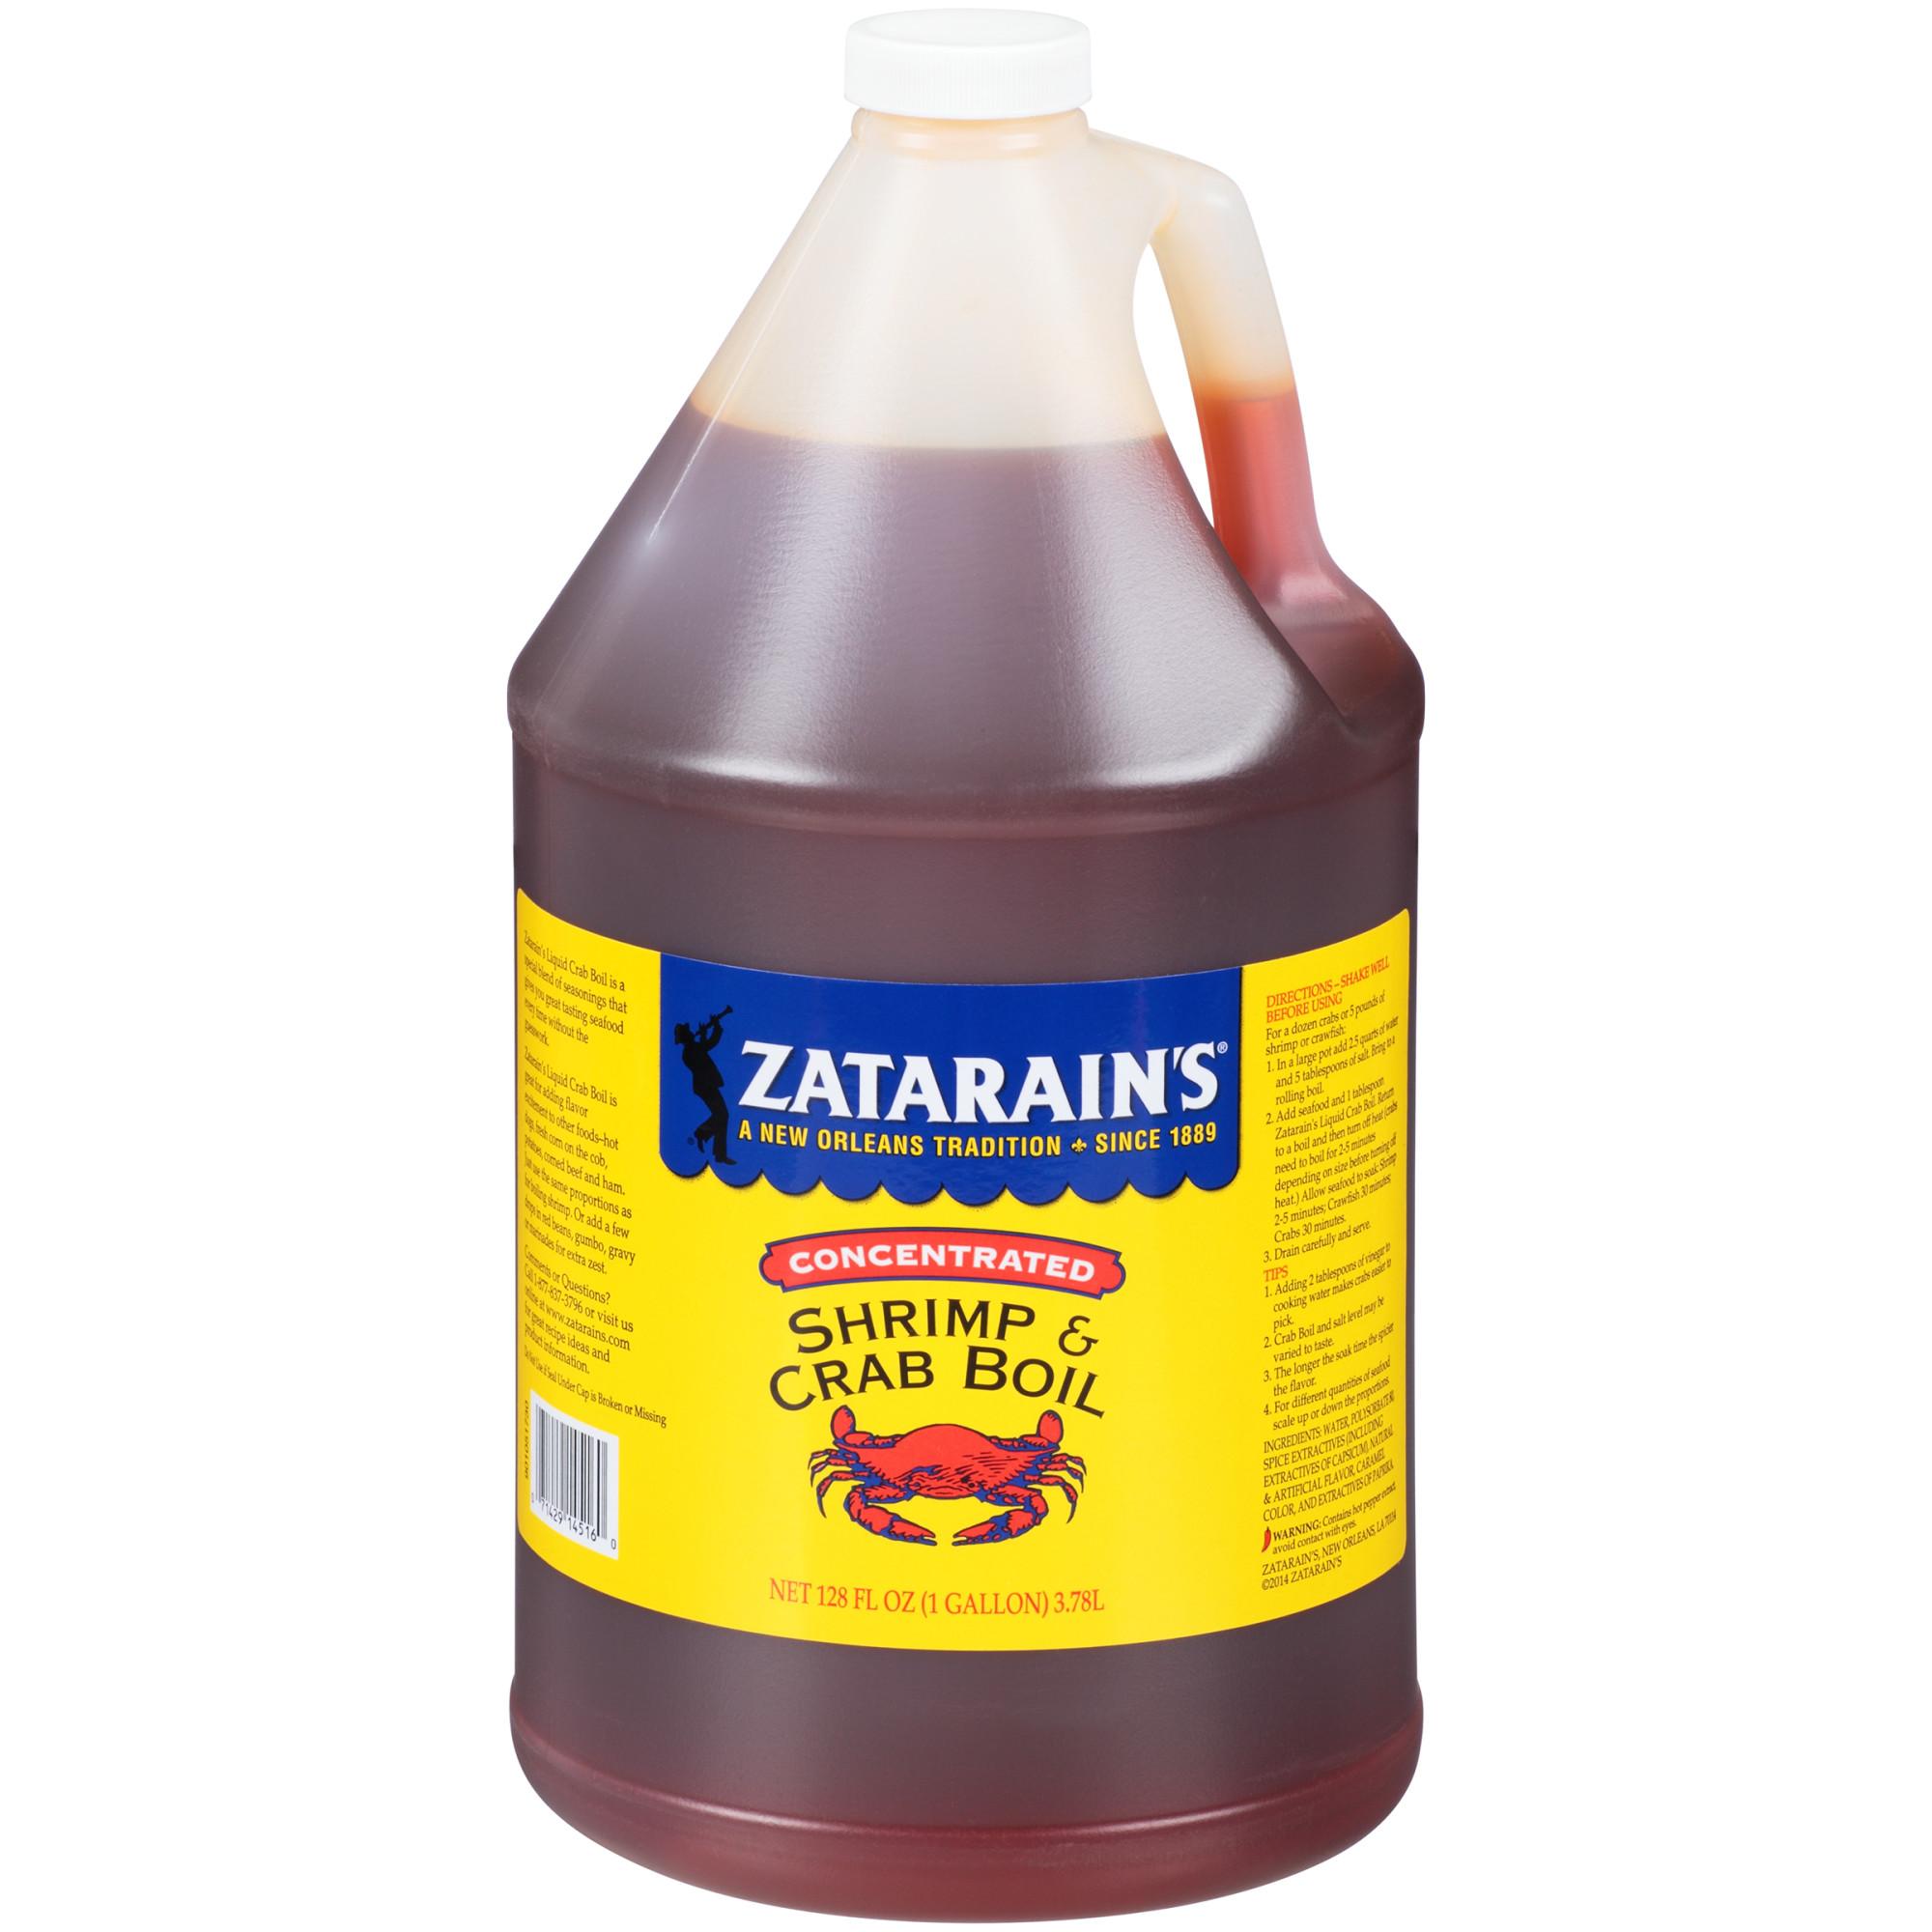 Zatarain's Concentrated Liquid Shrimp & Crab Boil, 1 gal